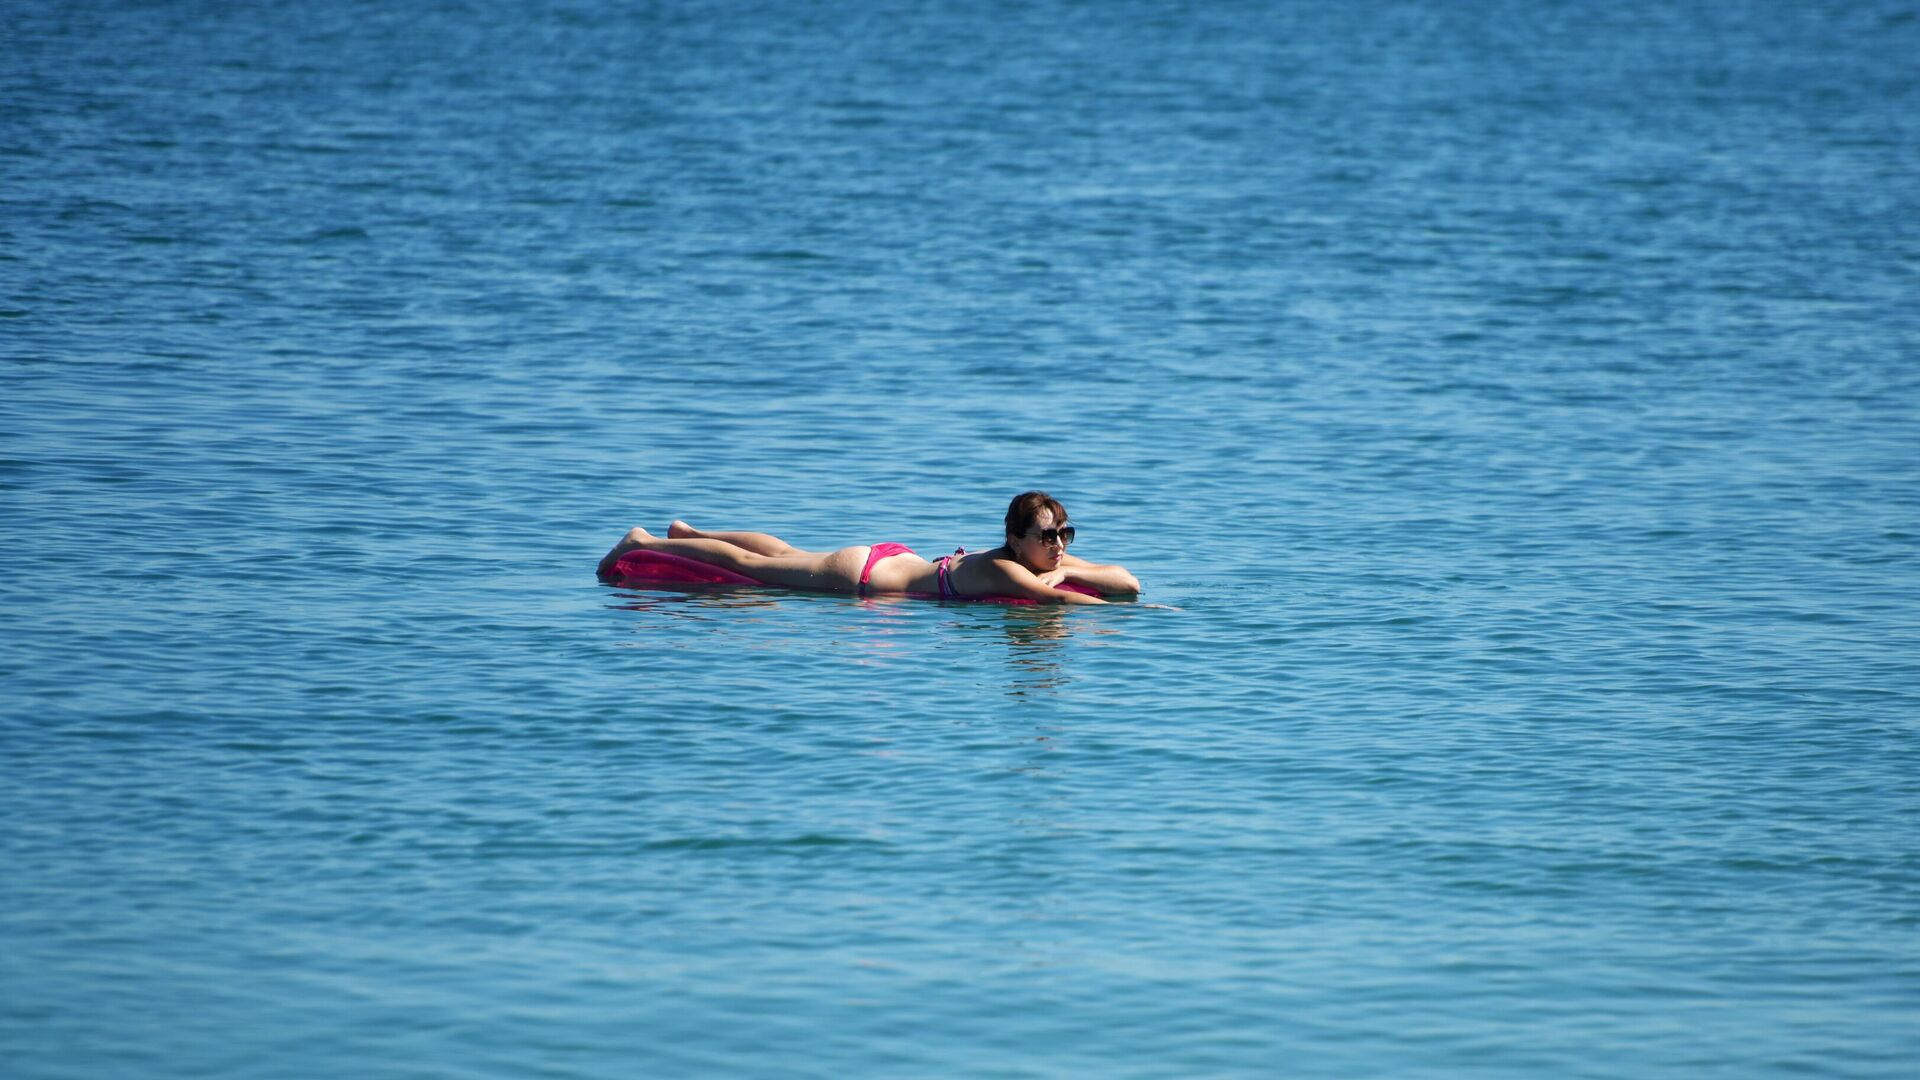 Девушка в море на надувном матрасе - РИА Новости, 1920, 05.11.2020